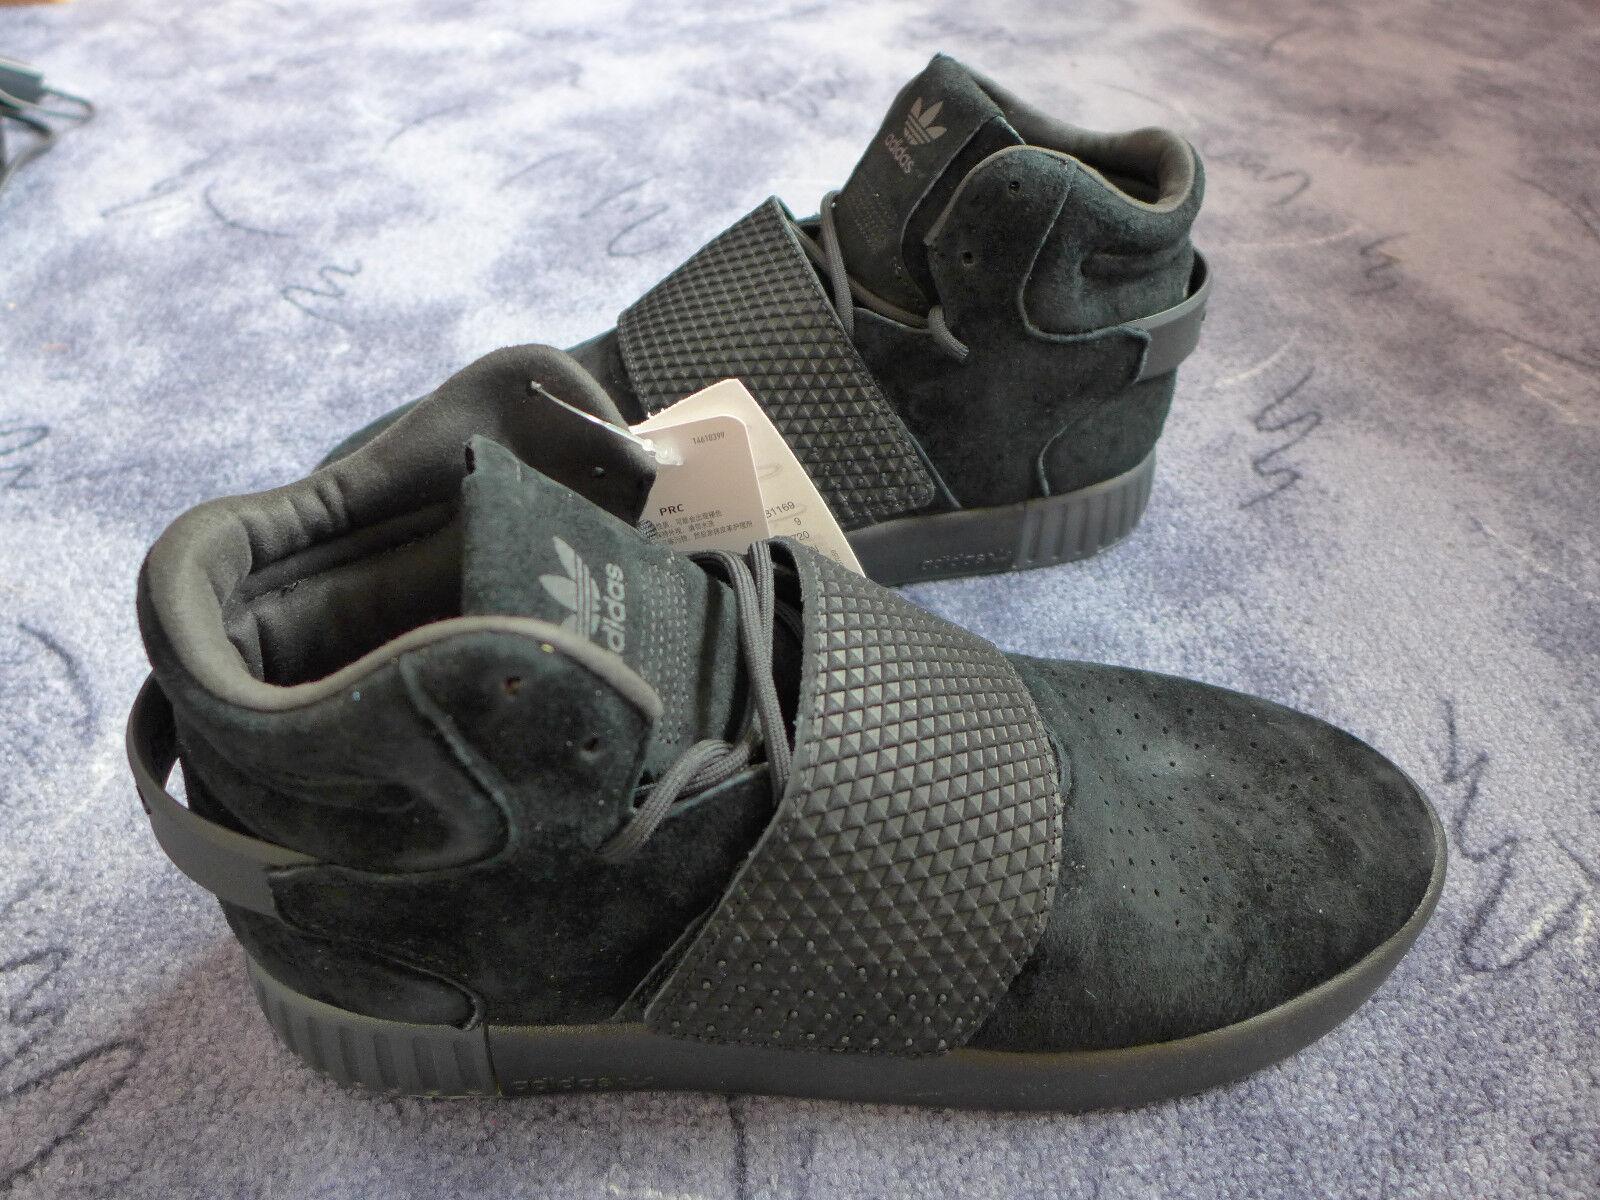 Descuento por tiempo limitado ADIDAS ORIGINALS Tubular Invader Strap Sneaker (BB1169) Wildleder 43 1/3 NEU!